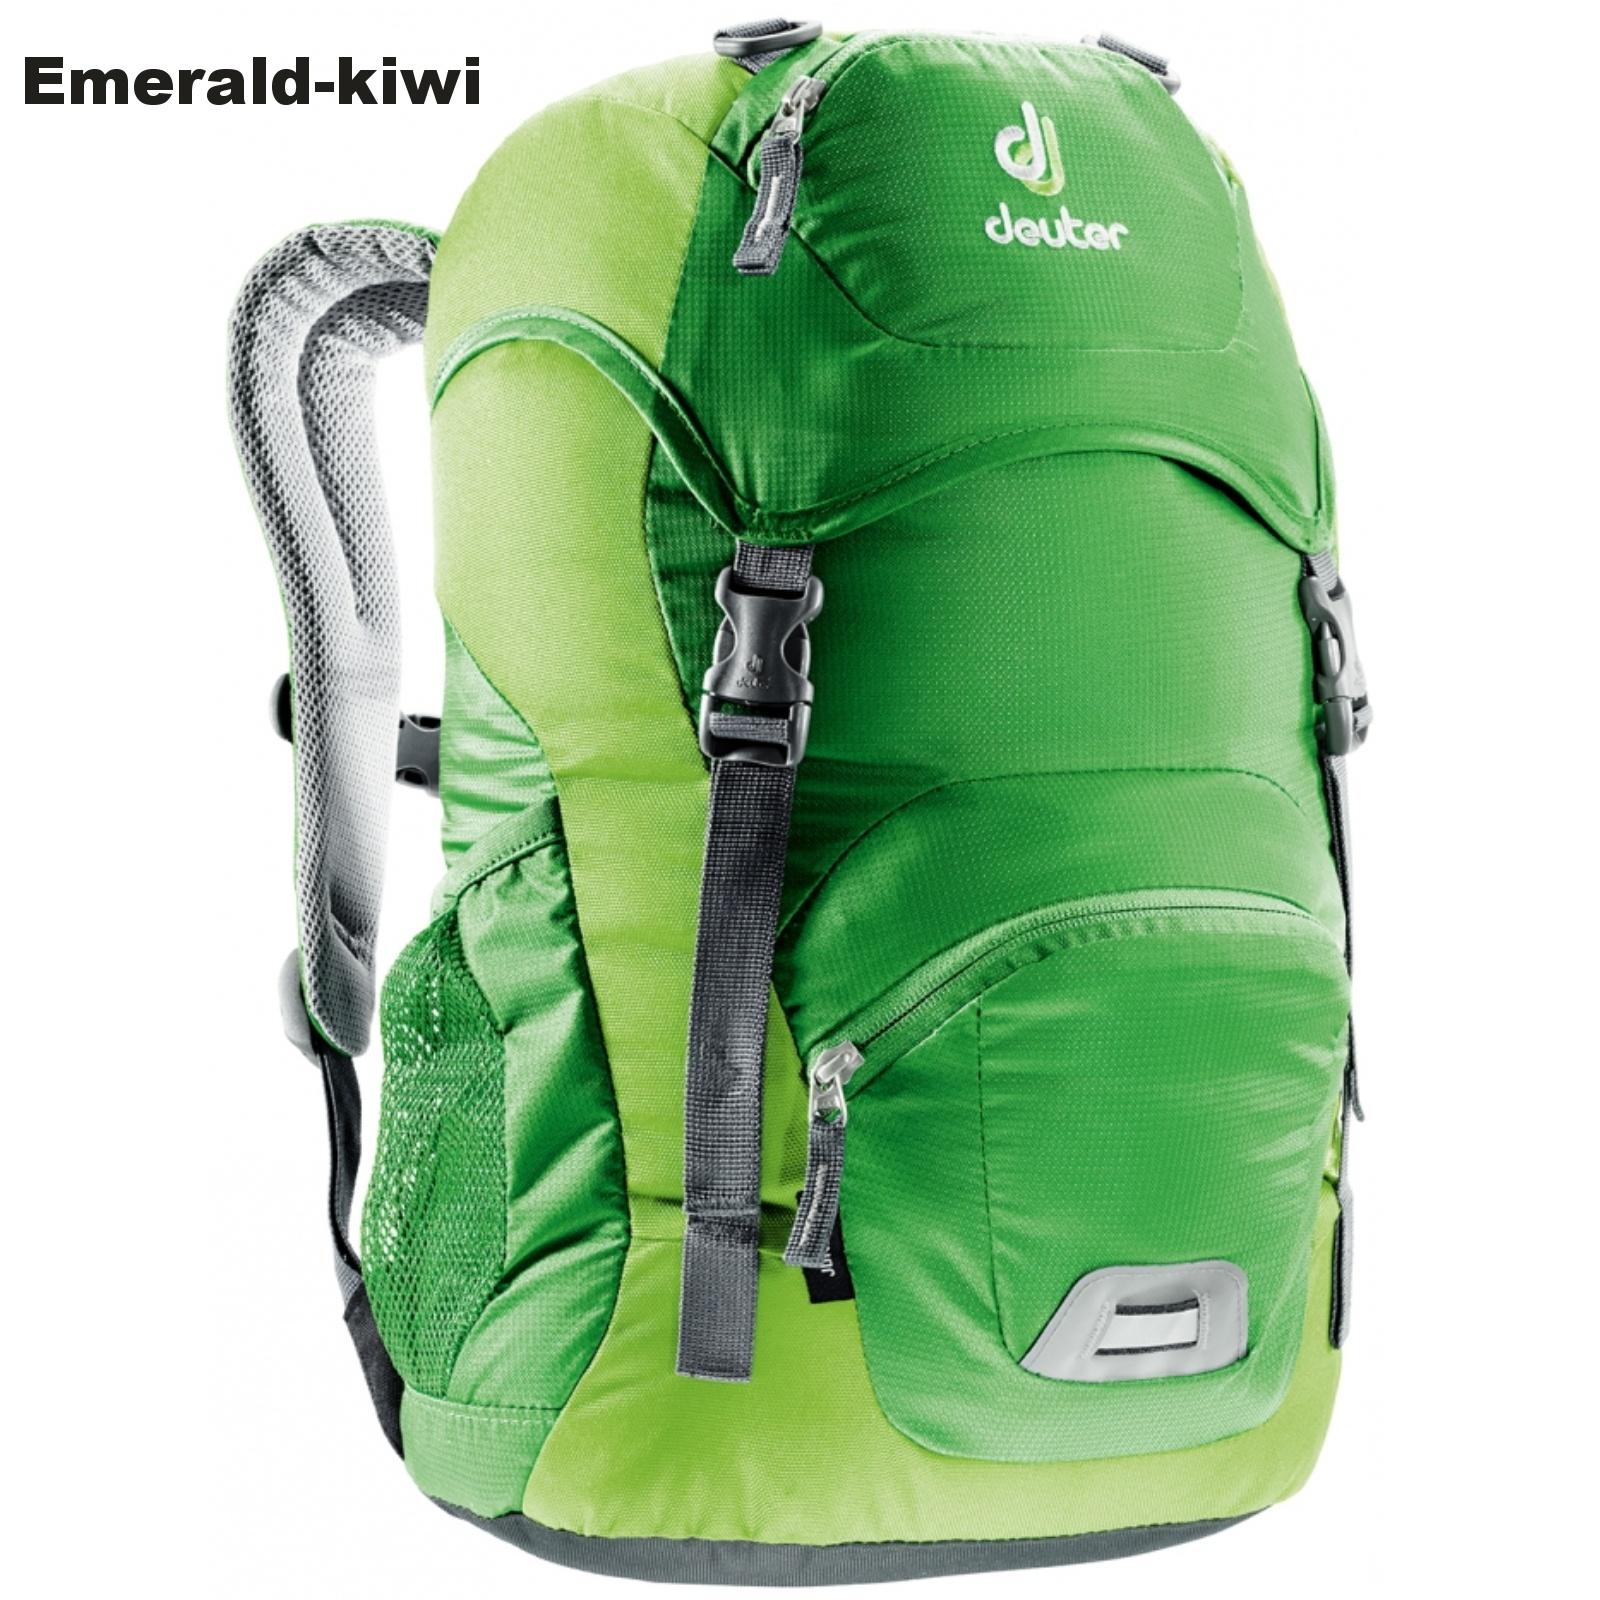 Detský batoh DEUTER Junior 18 l - emerald-kiwi